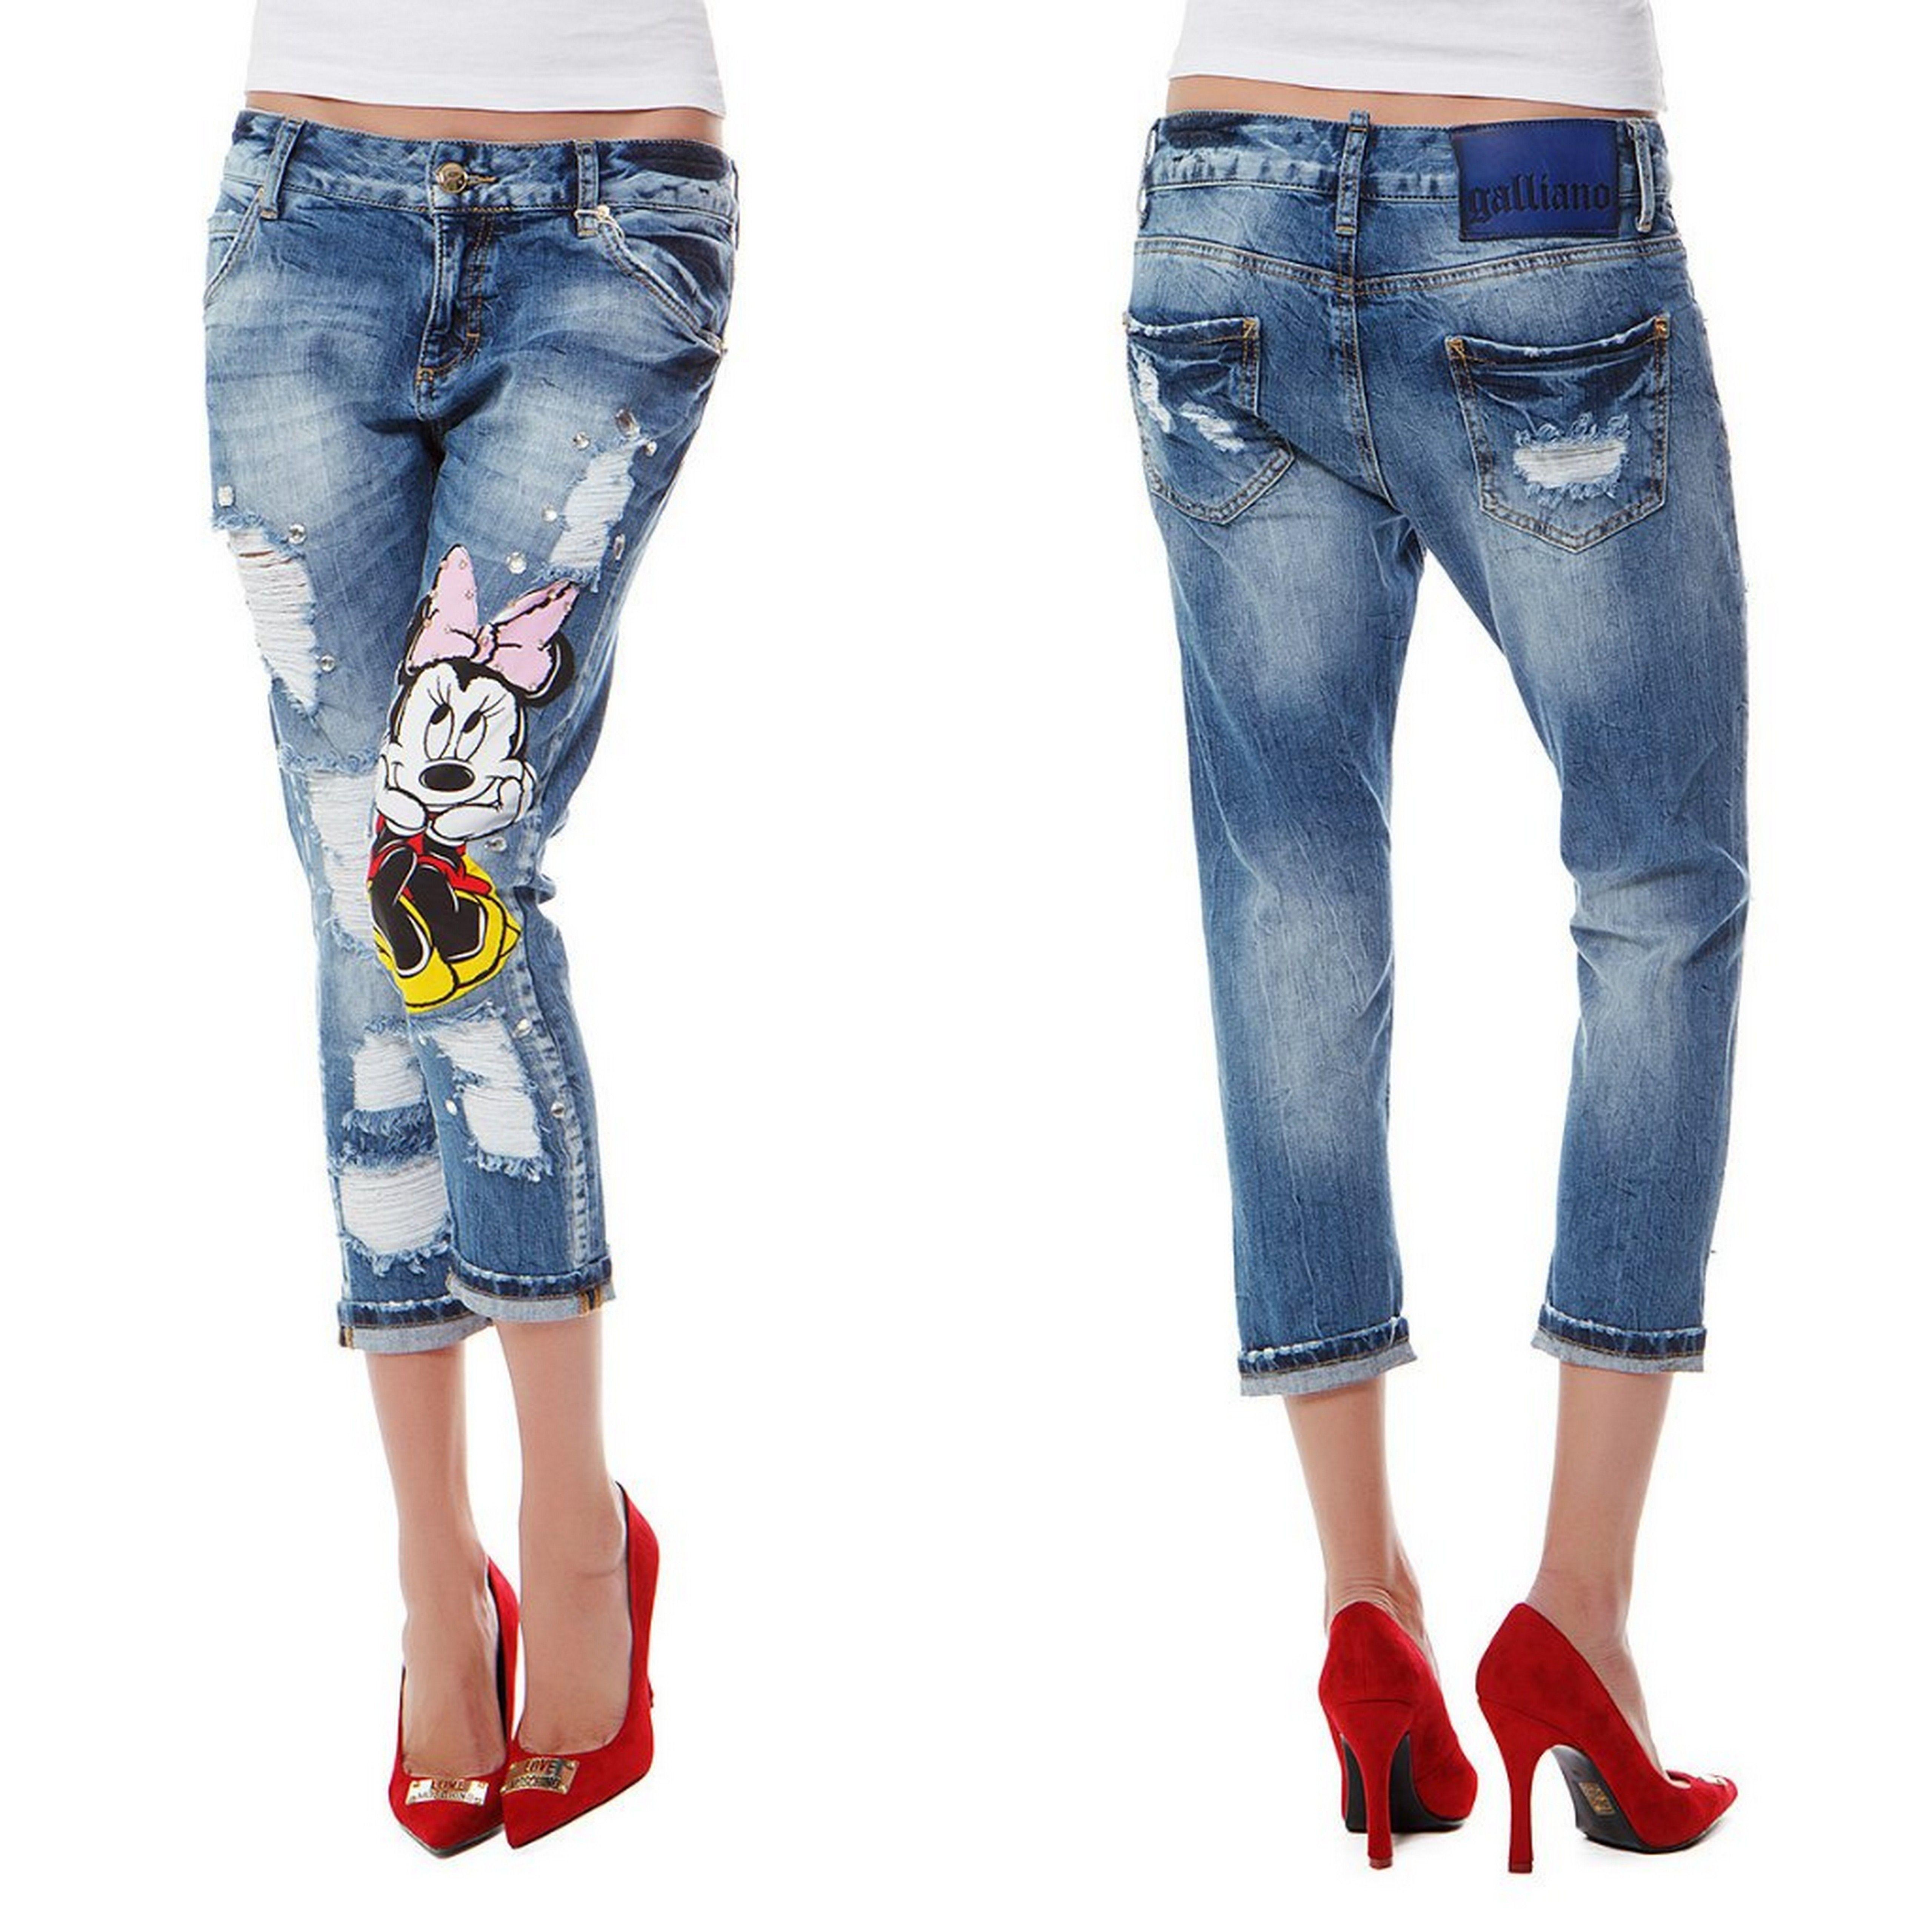 Вышивка на джинсах с потертостями